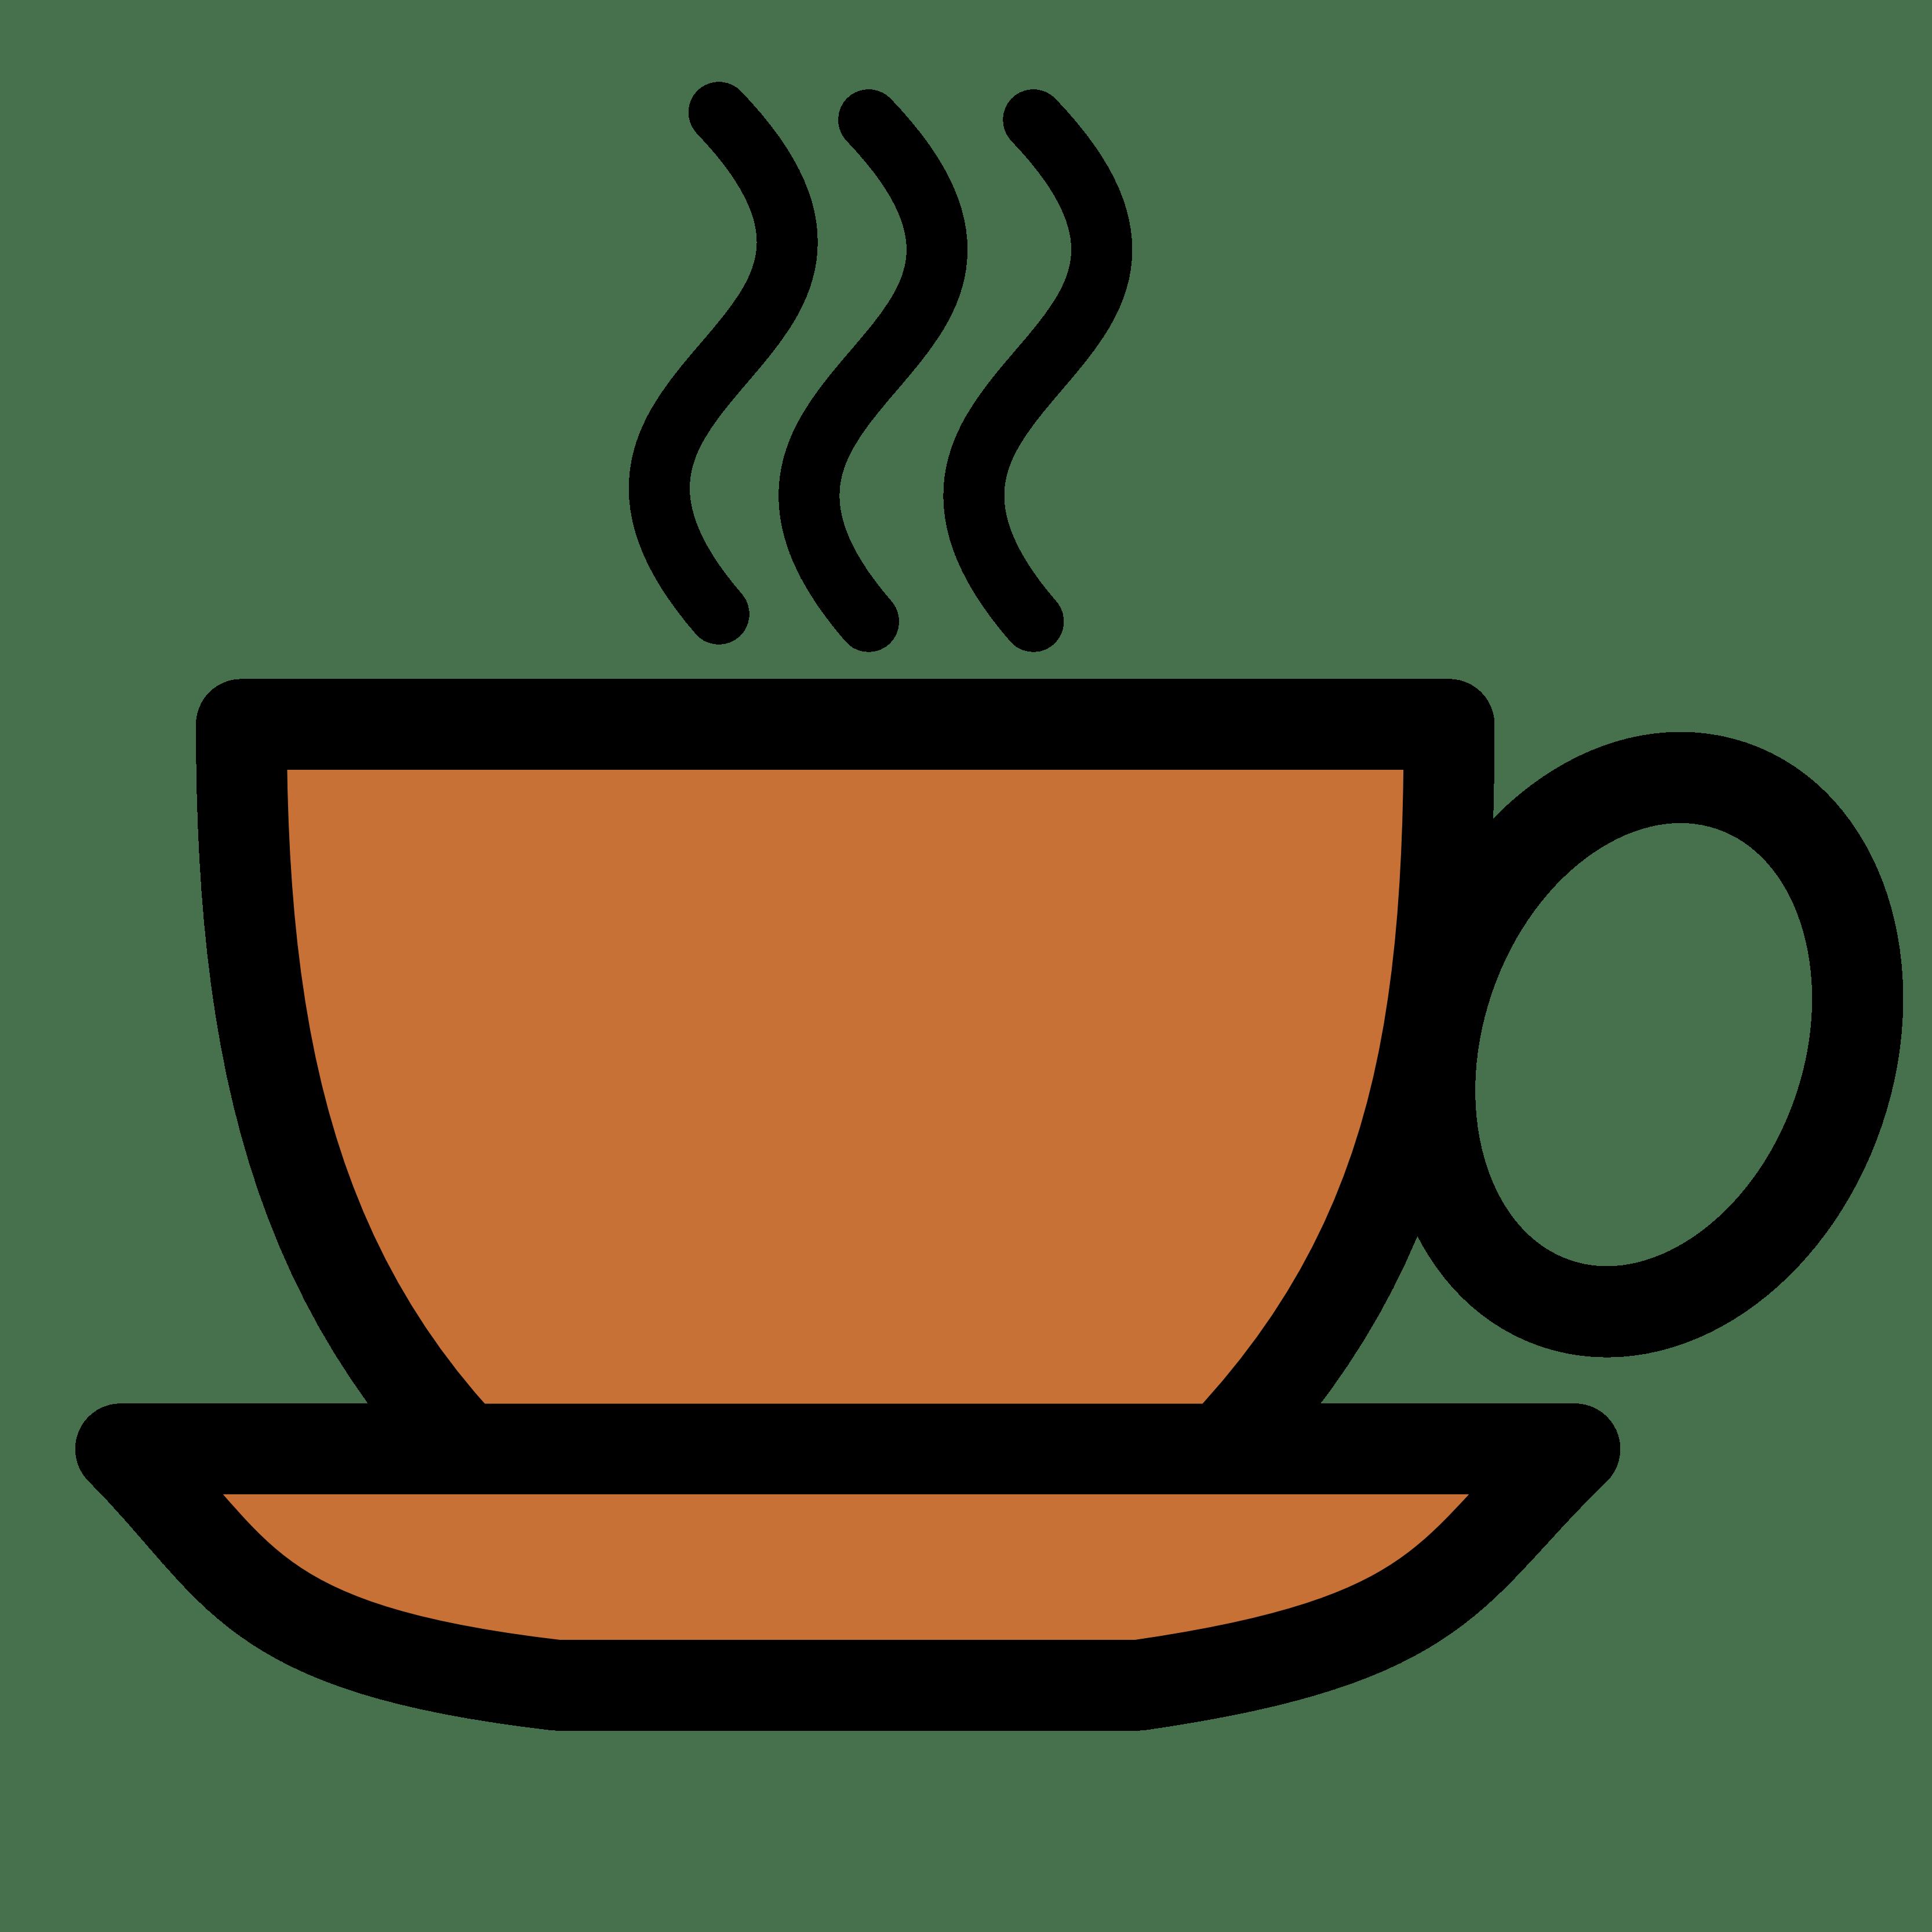 Coffee bar clipart » Clipart Portal.